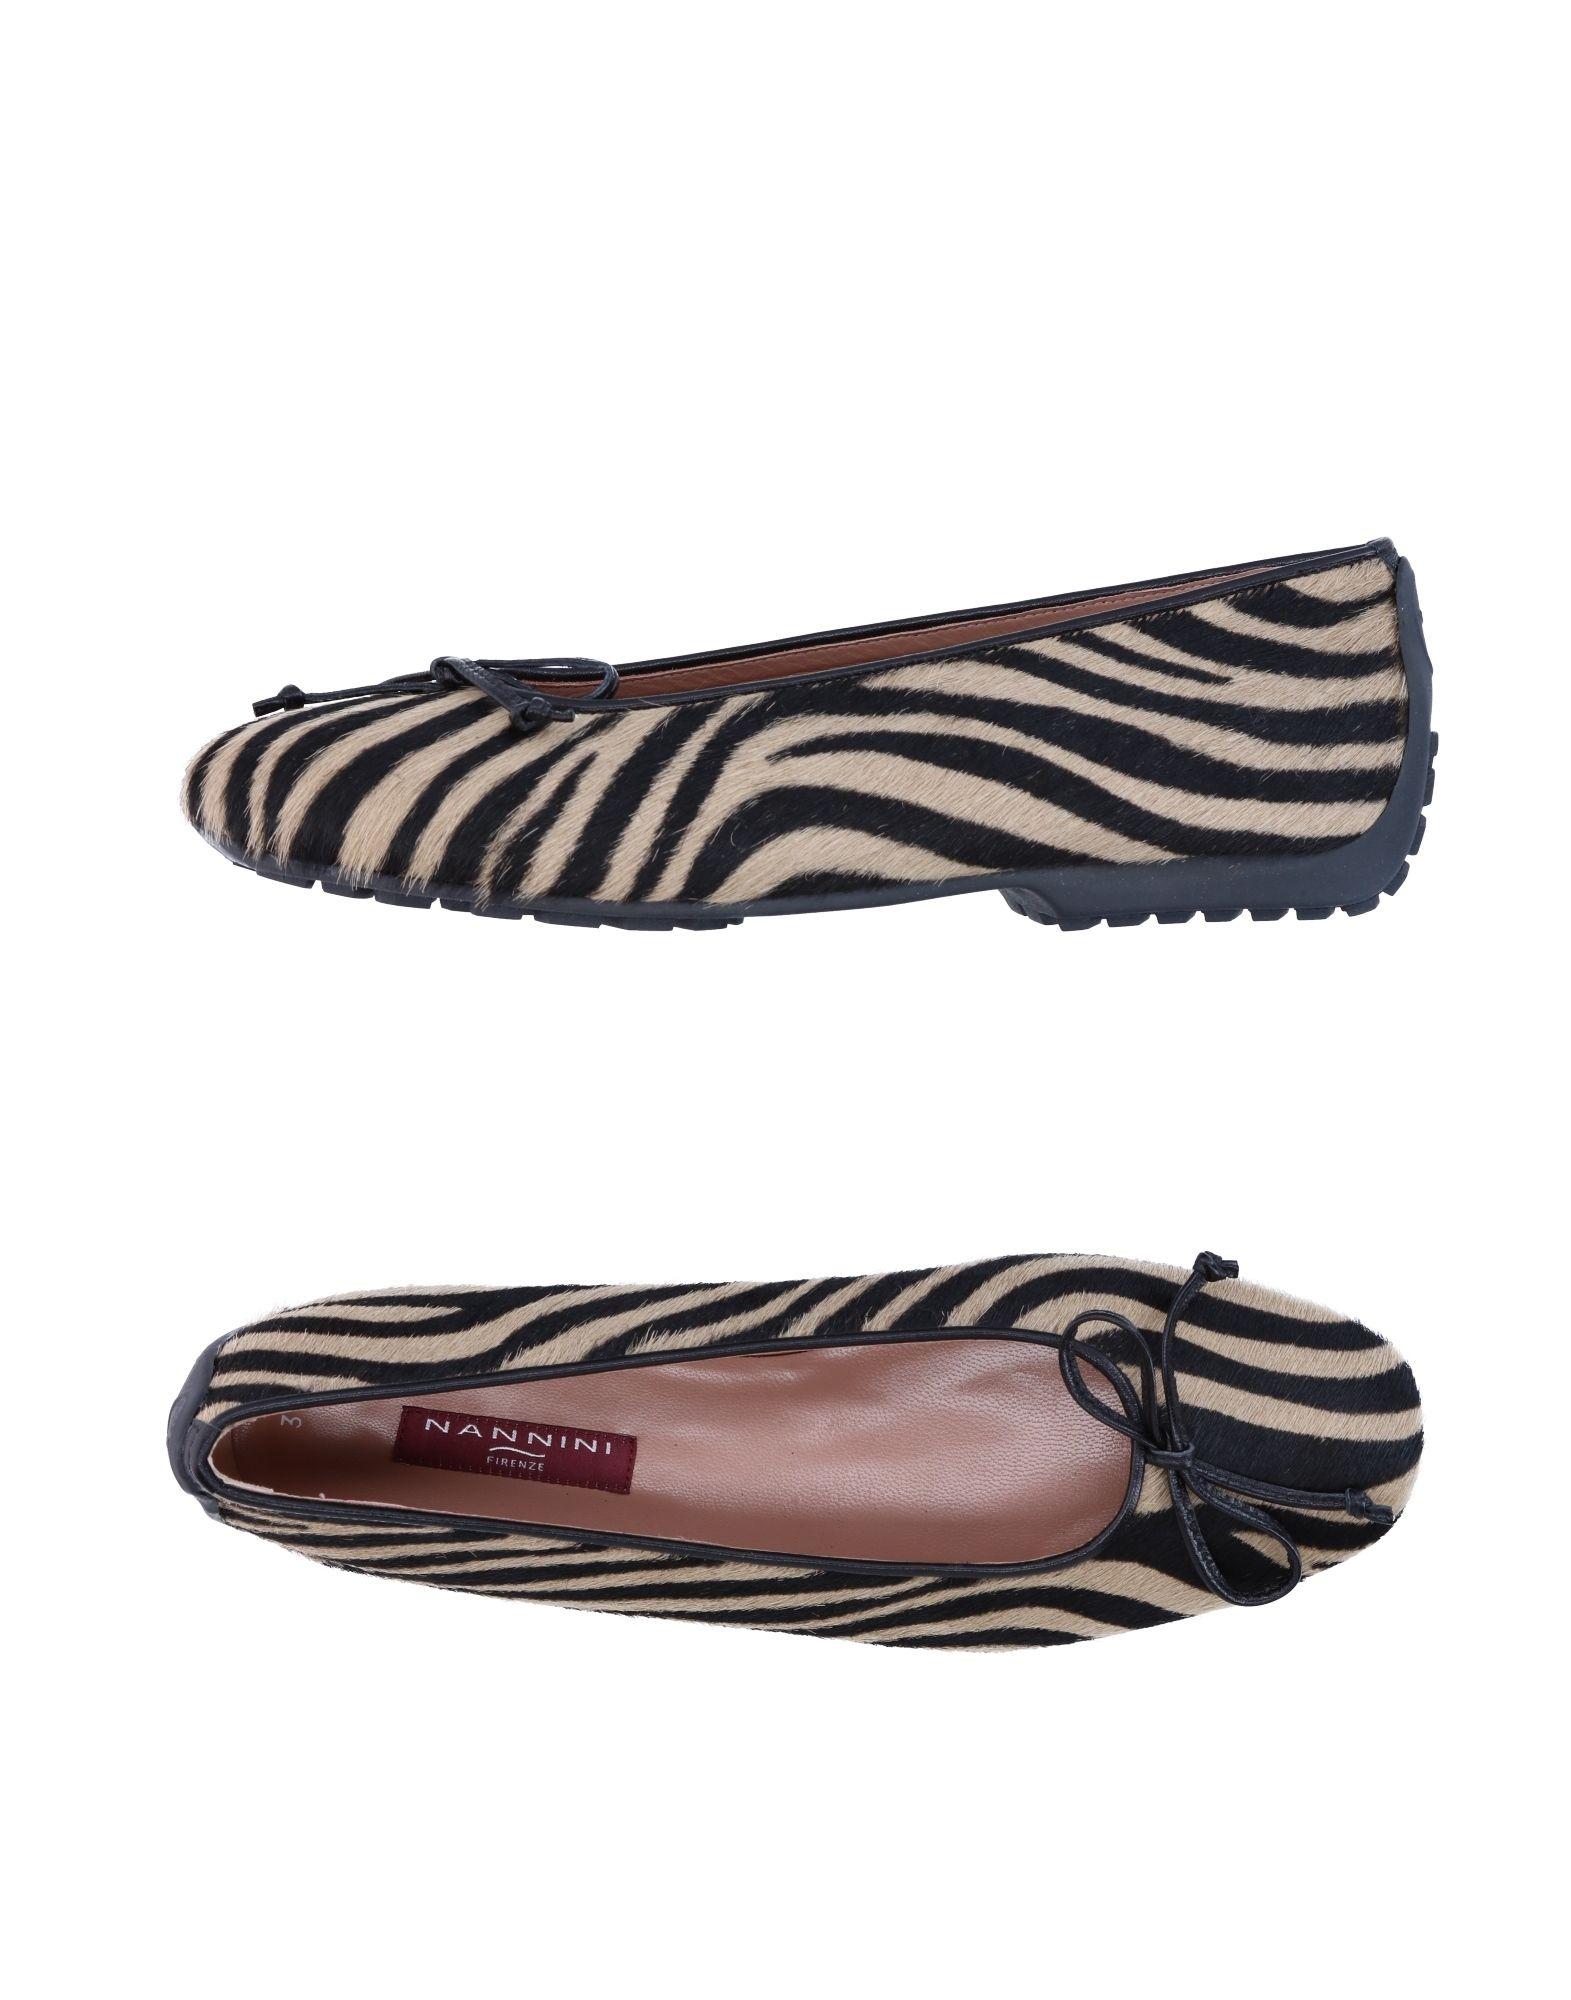 Nannini Ballerinas Damen   Damen 11268775AX Gute Qualität beliebte Schuhe cbcc54